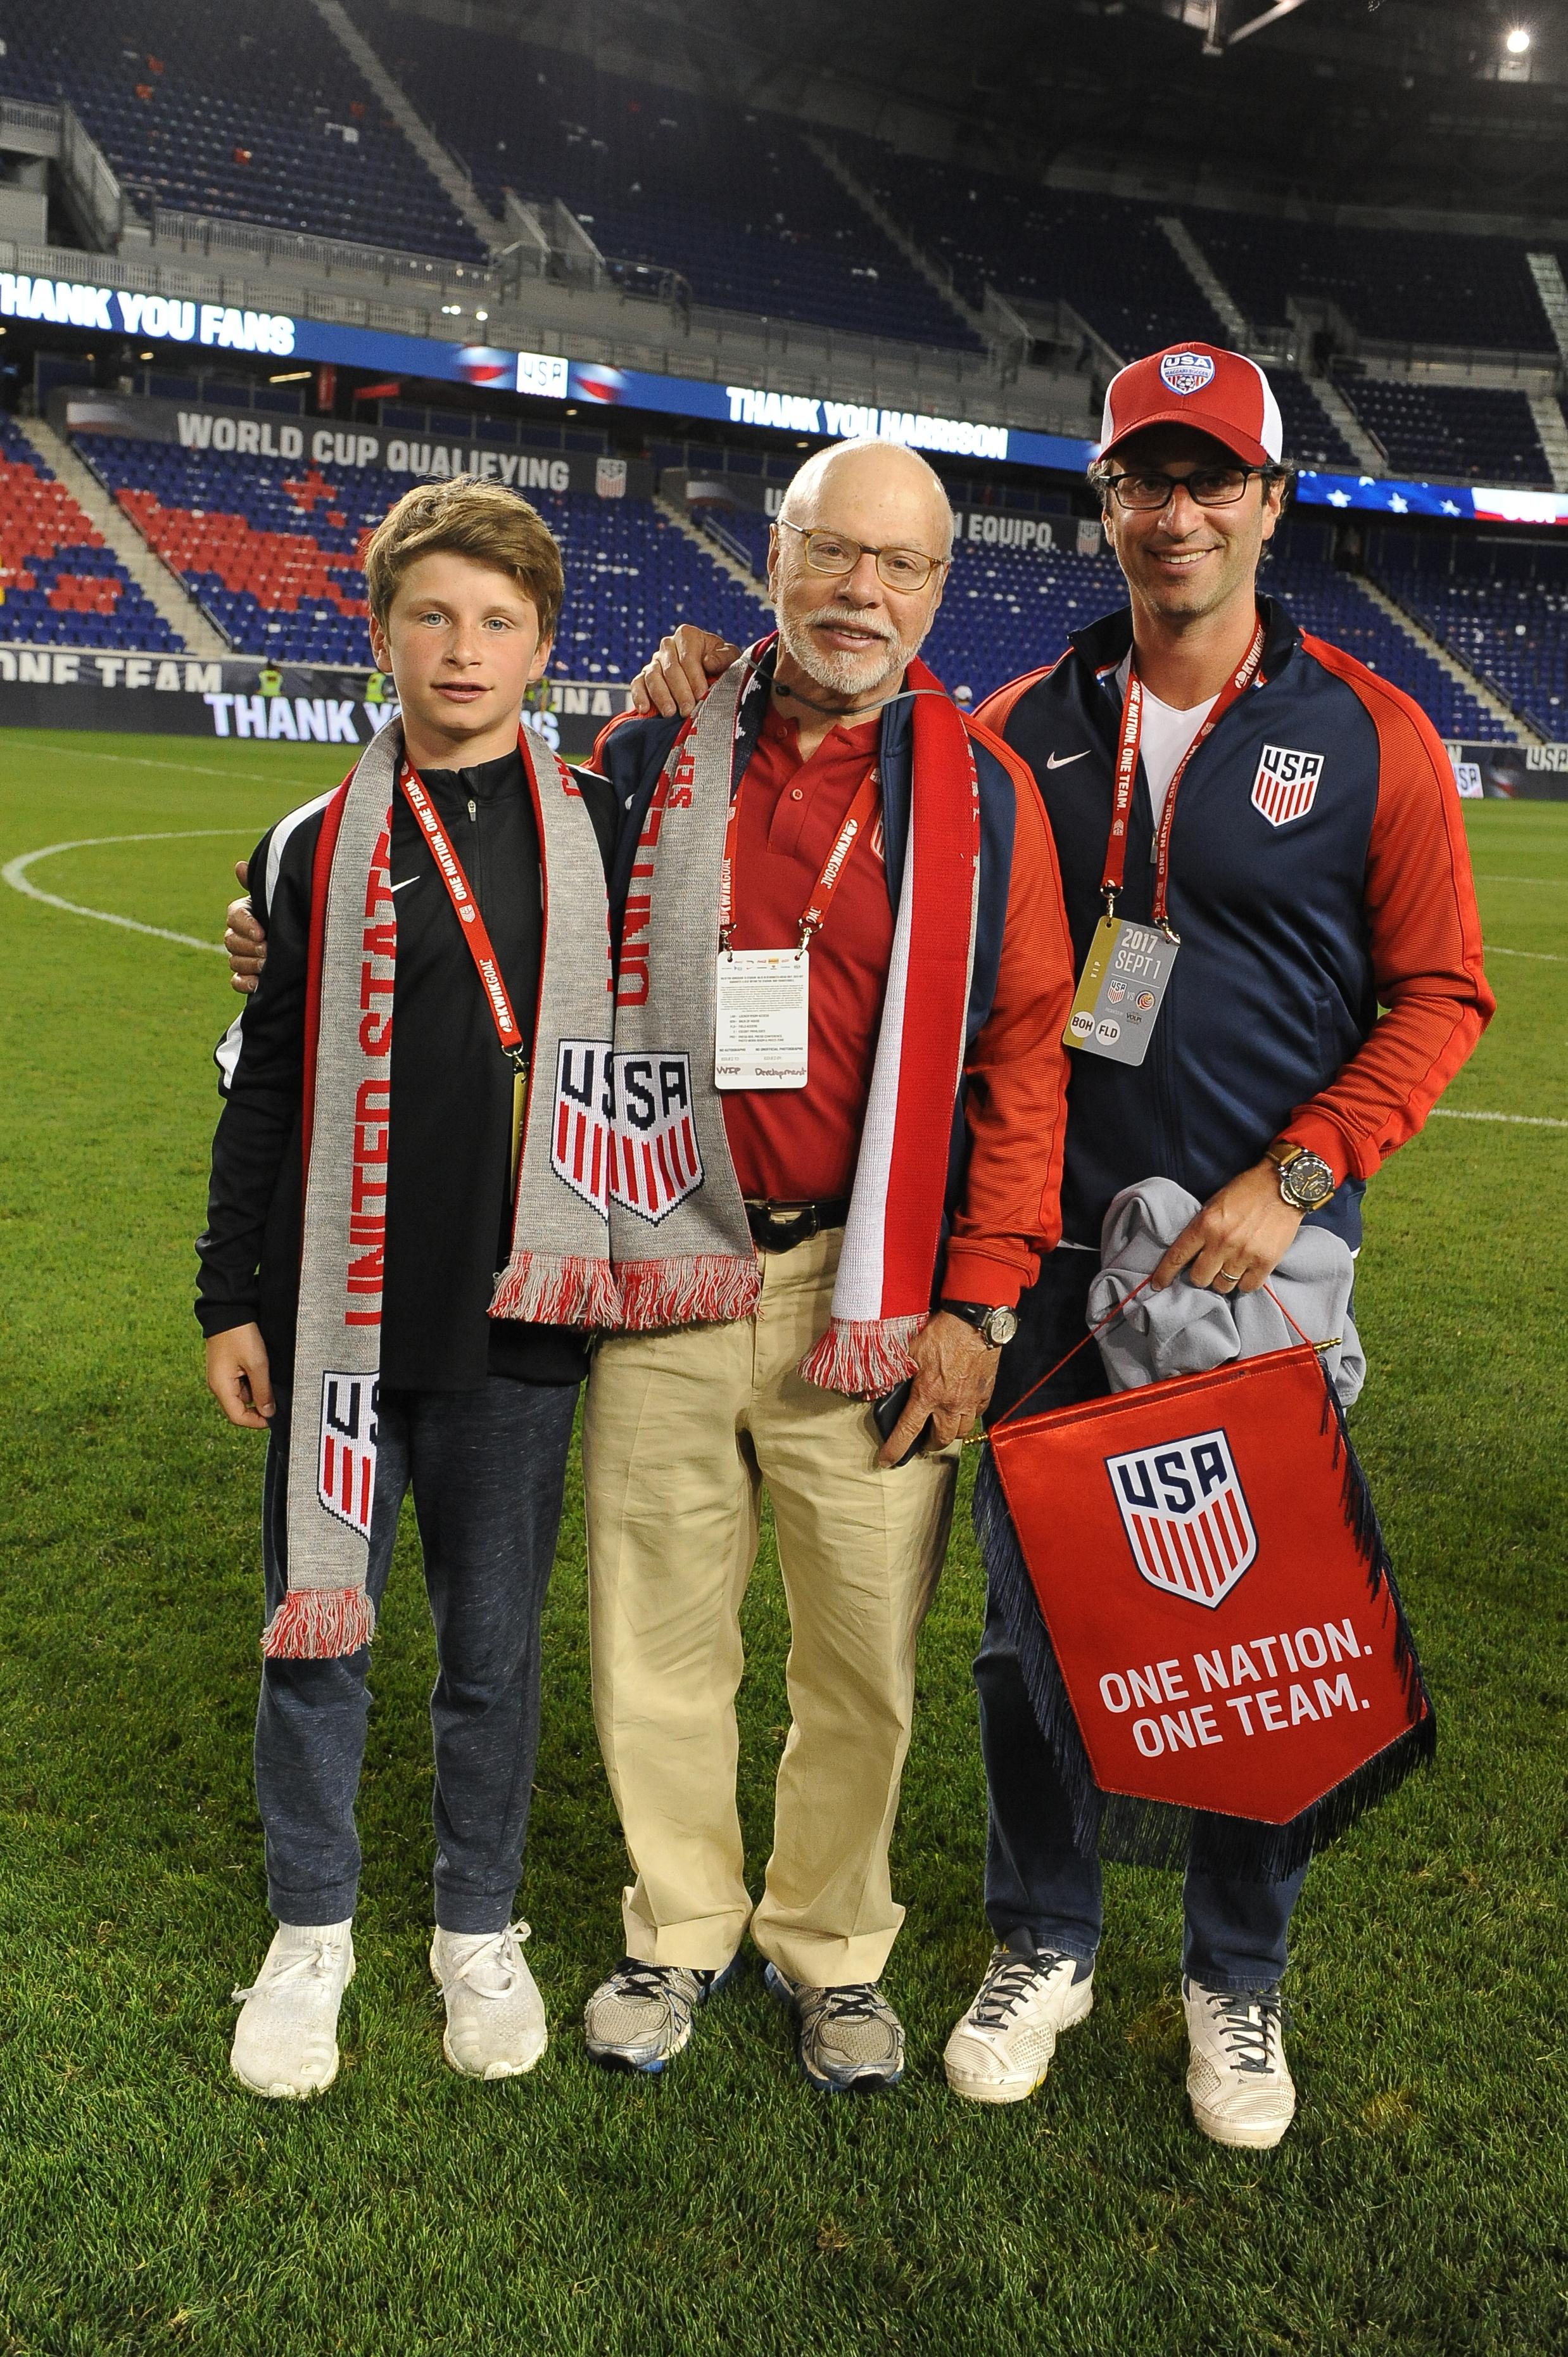 us_soccer_images_040.jpg